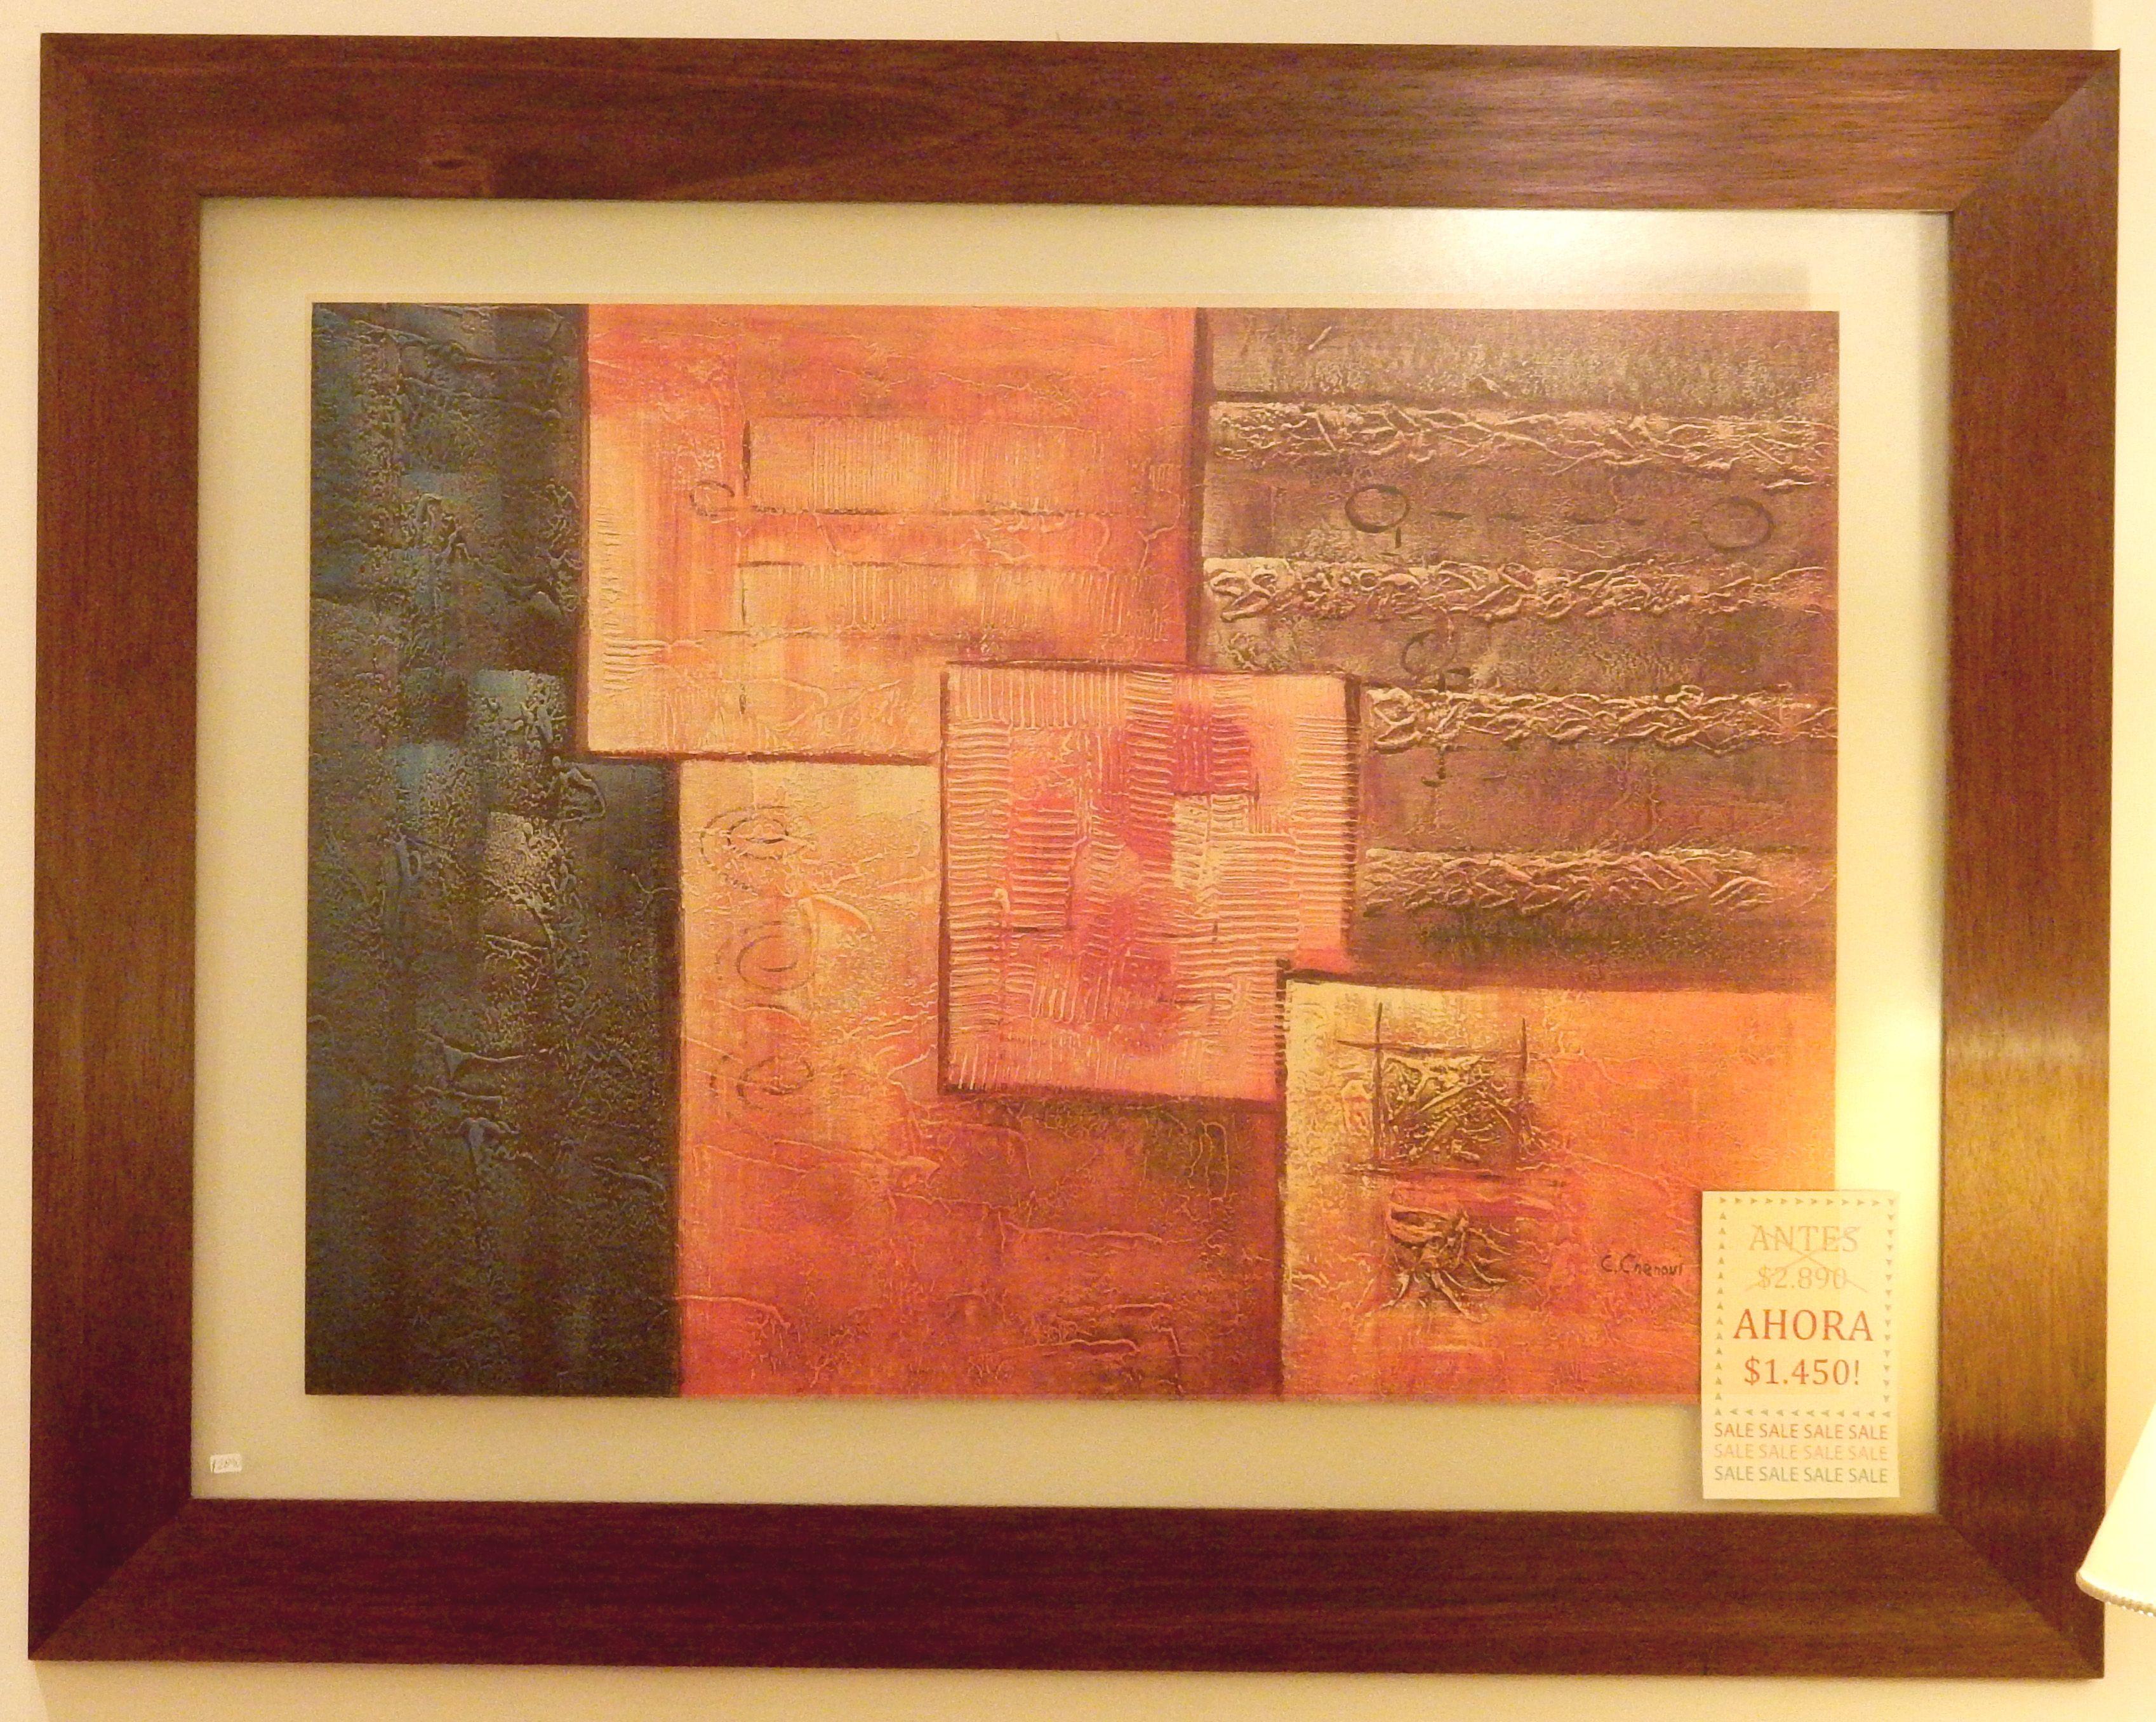 Cuadro de figuras geometricas en marco de madera en cedro. En ...